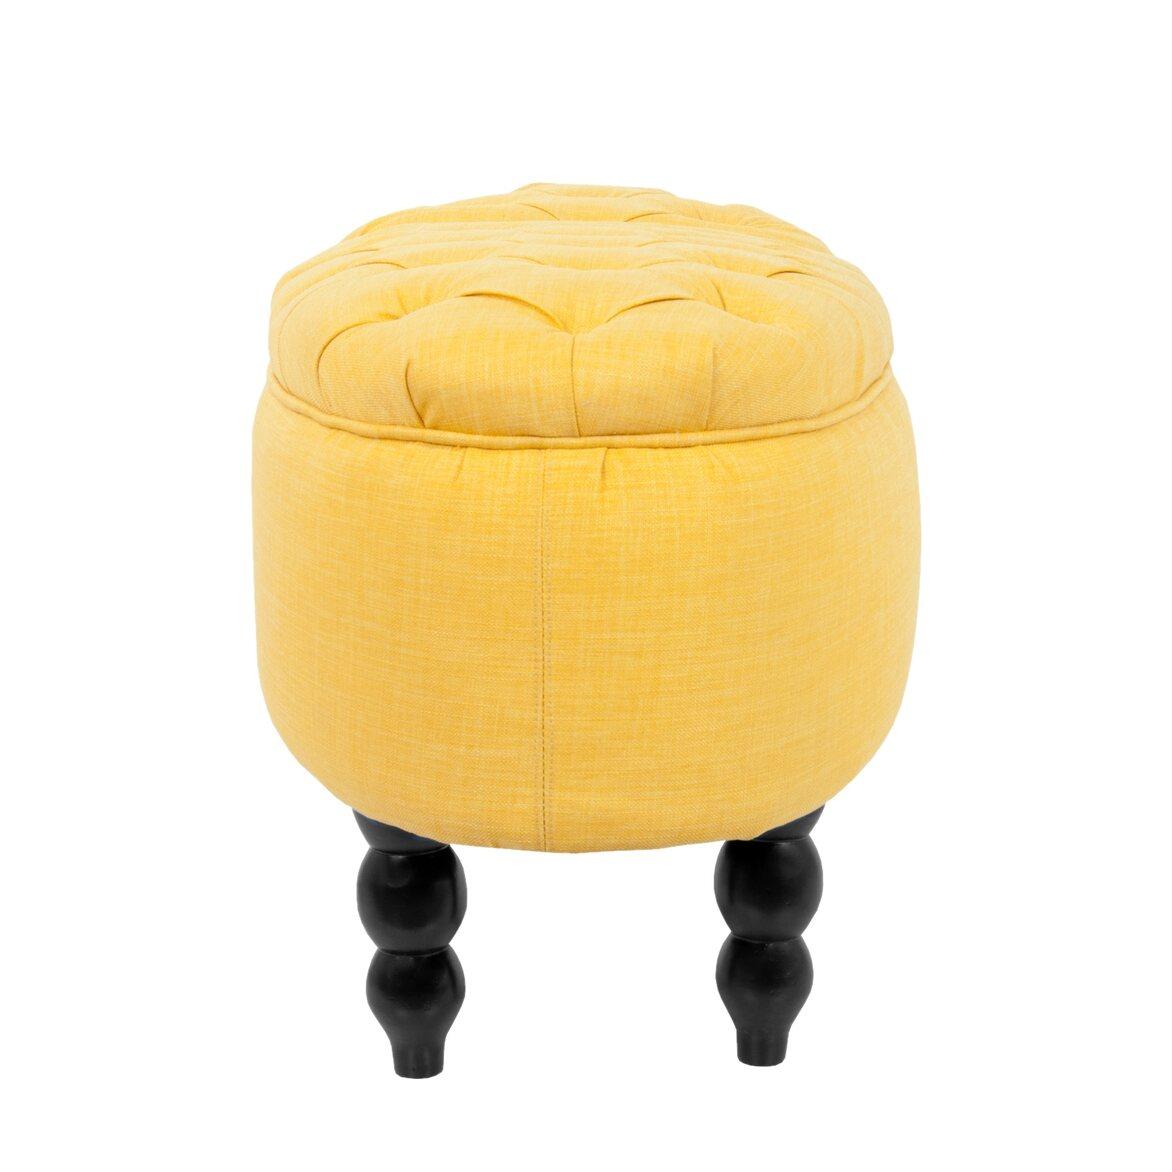 Пуф Wattley yellow 2 | Пуфы Kingsby